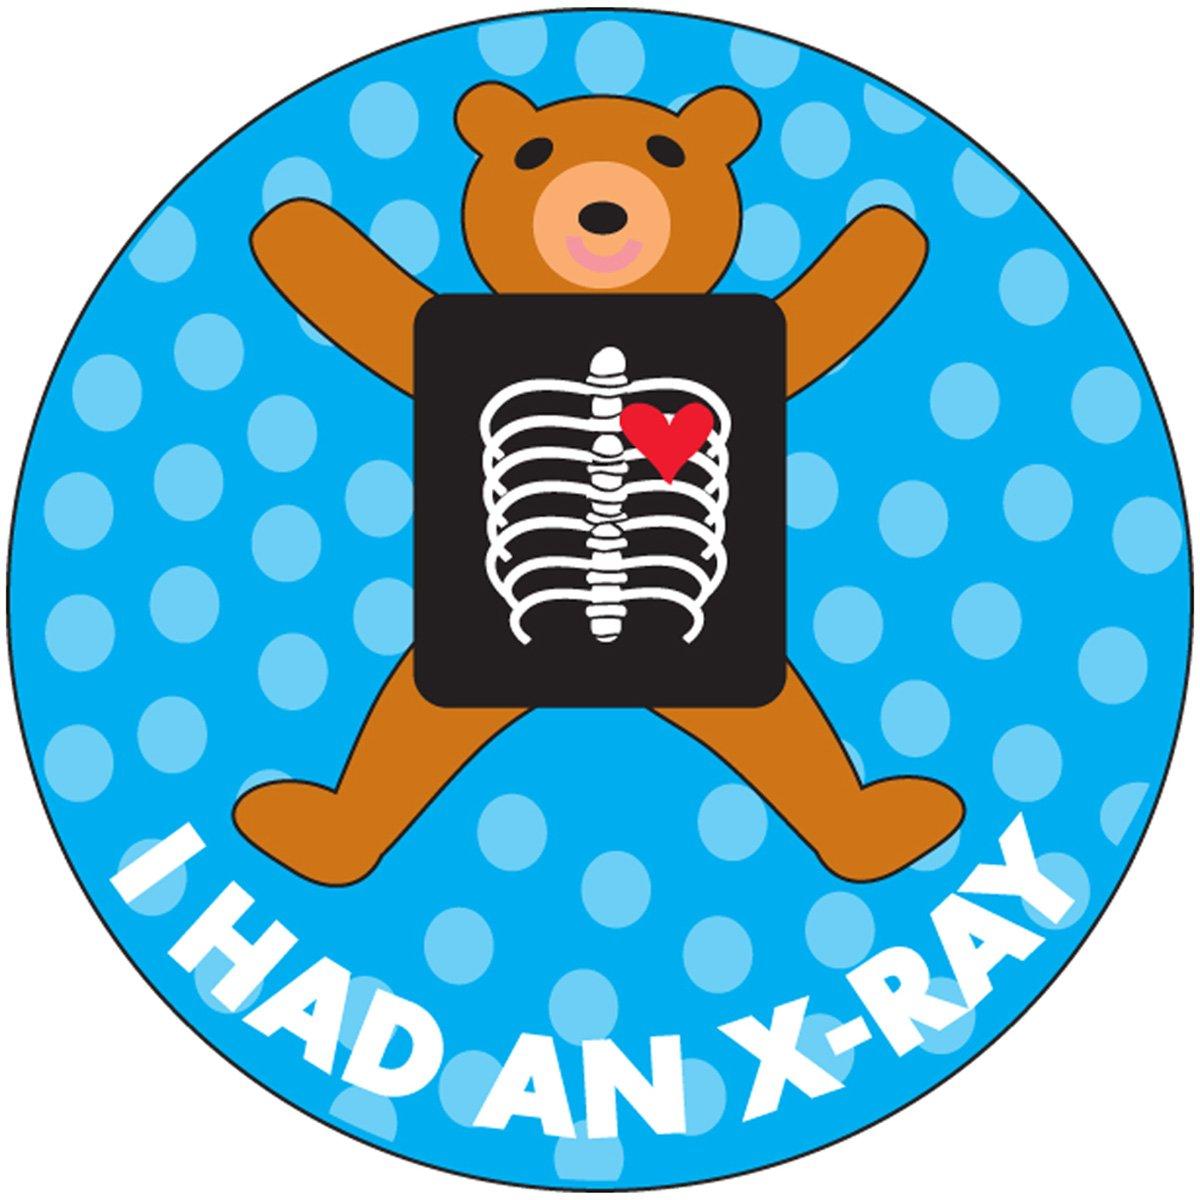 PDC Healthcare 59708879 Label Paper Award Sticker Pediatric 'I Max 85% OFF NEW